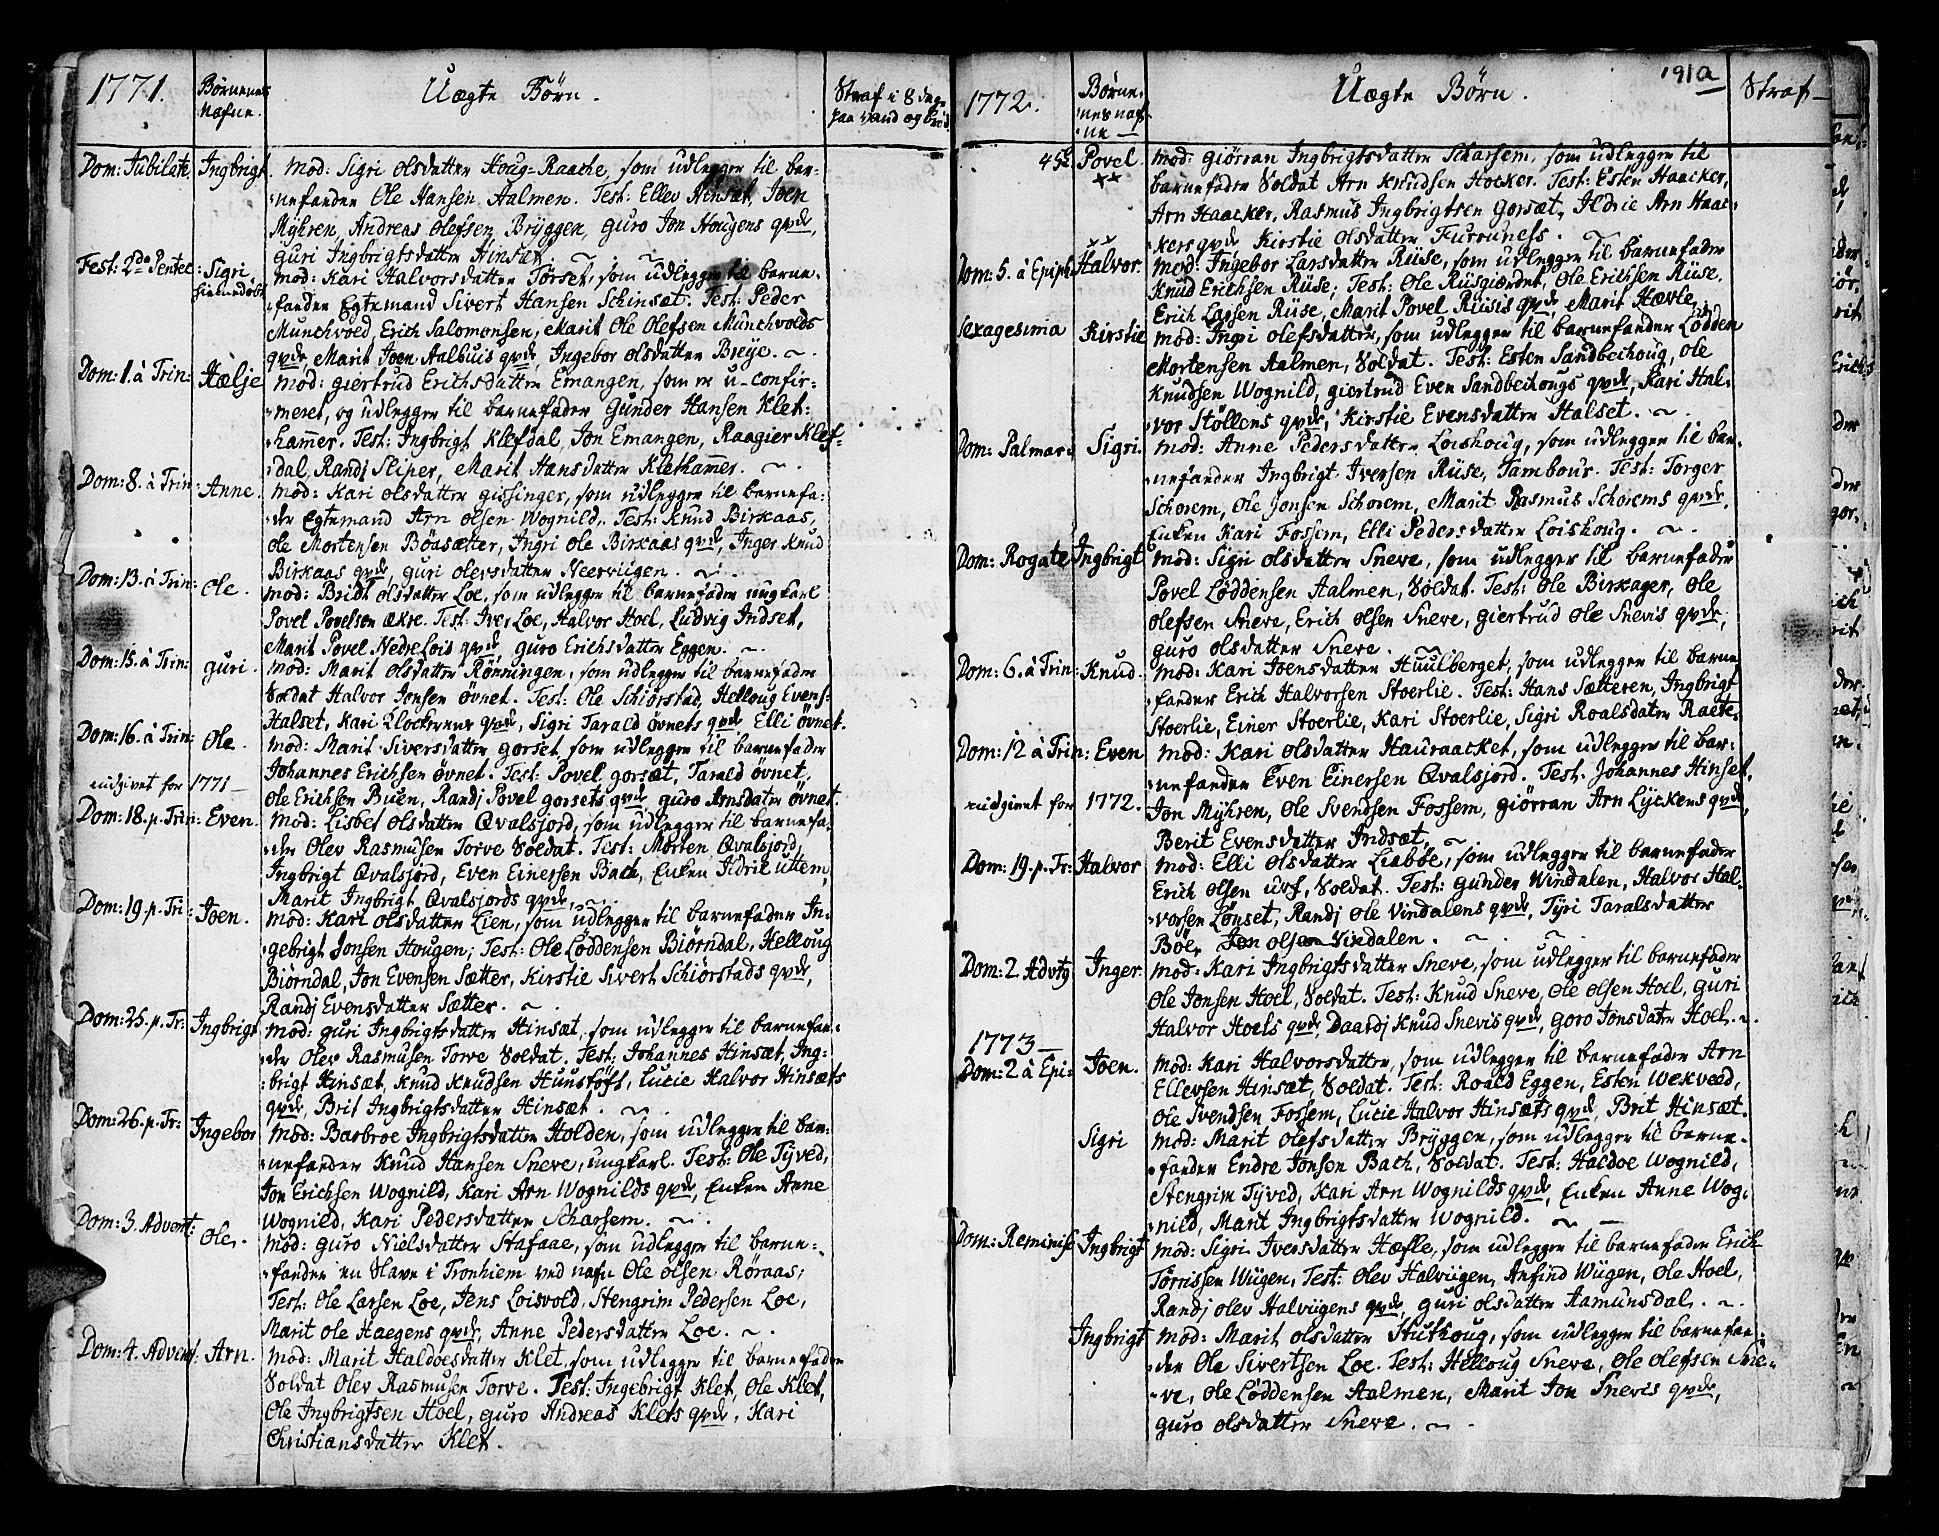 SAT, Ministerialprotokoller, klokkerbøker og fødselsregistre - Sør-Trøndelag, 678/L0891: Ministerialbok nr. 678A01, 1739-1780, s. 191b